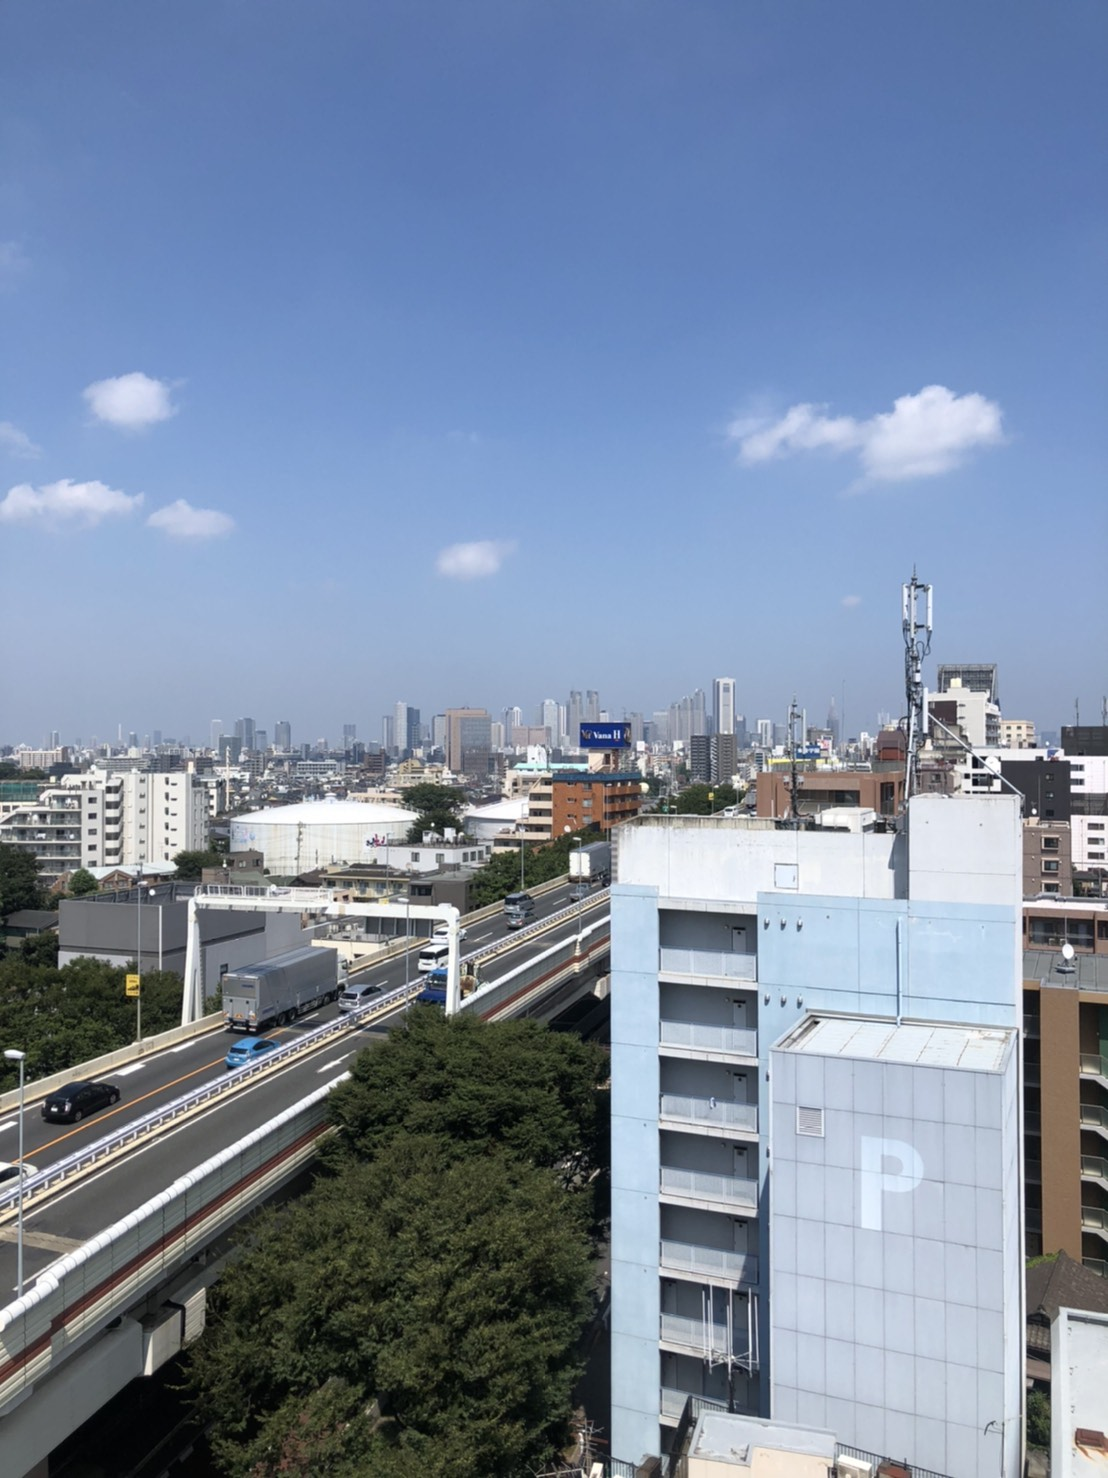 新宿方面 - 都内 マンション屋上 世田谷区 マンション屋上スペースの室内の写真